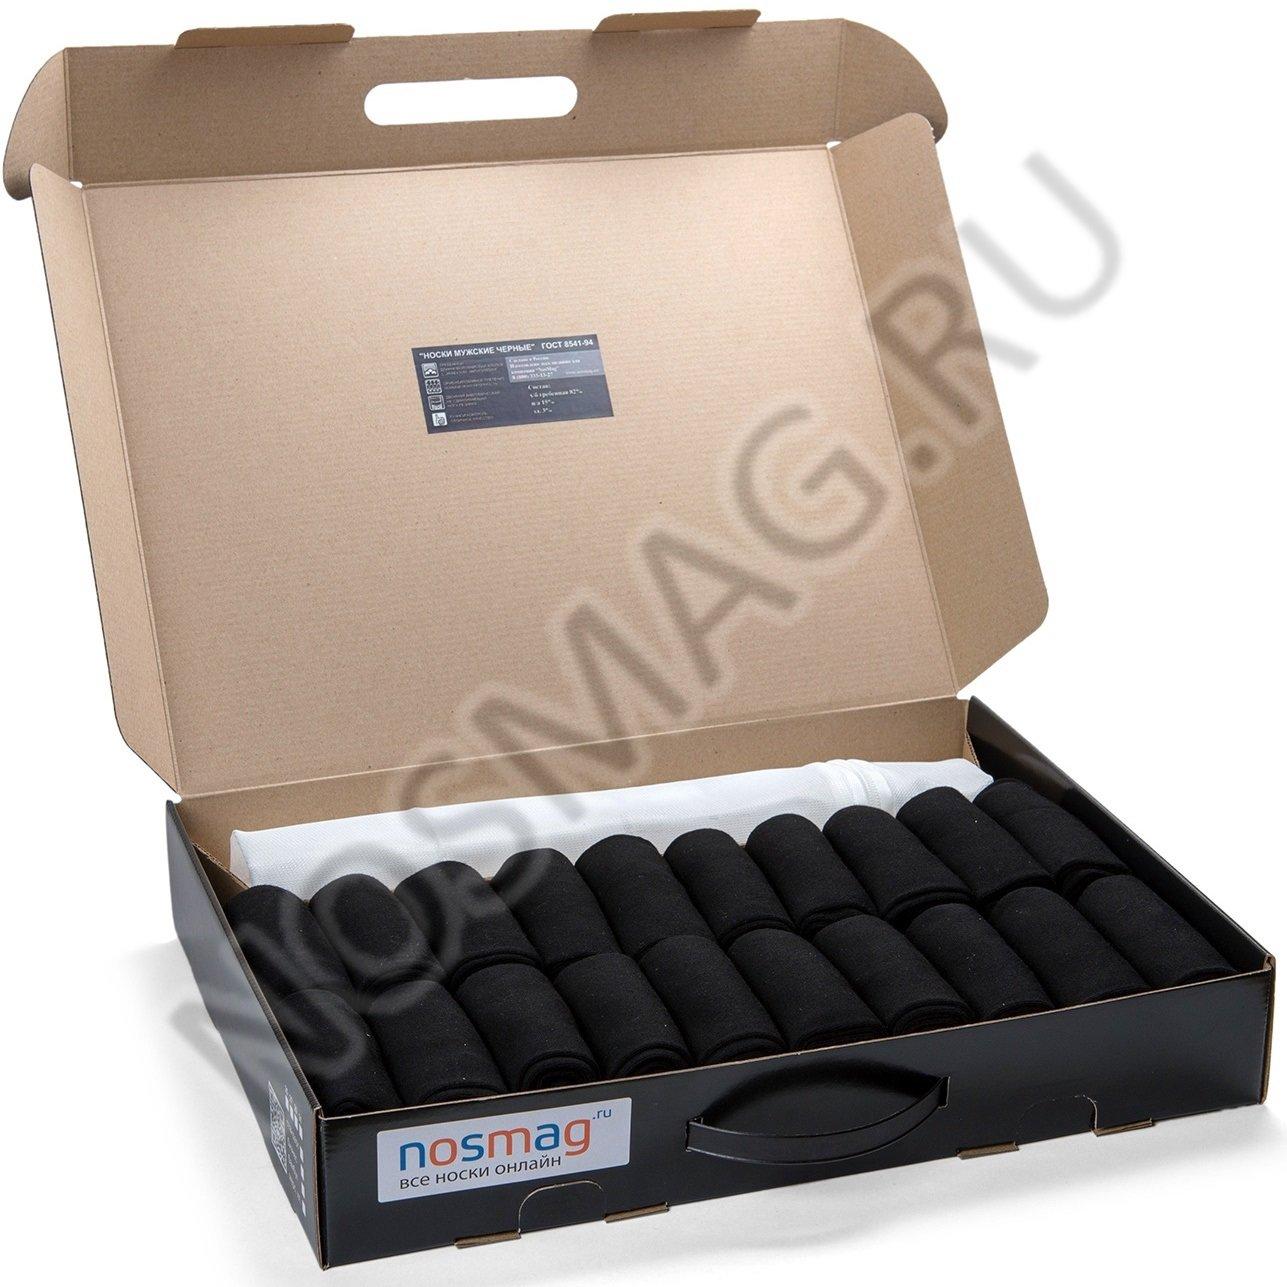 Набор носков «Бизнес» 20 пар с мешком для стирки, черные Носмаг